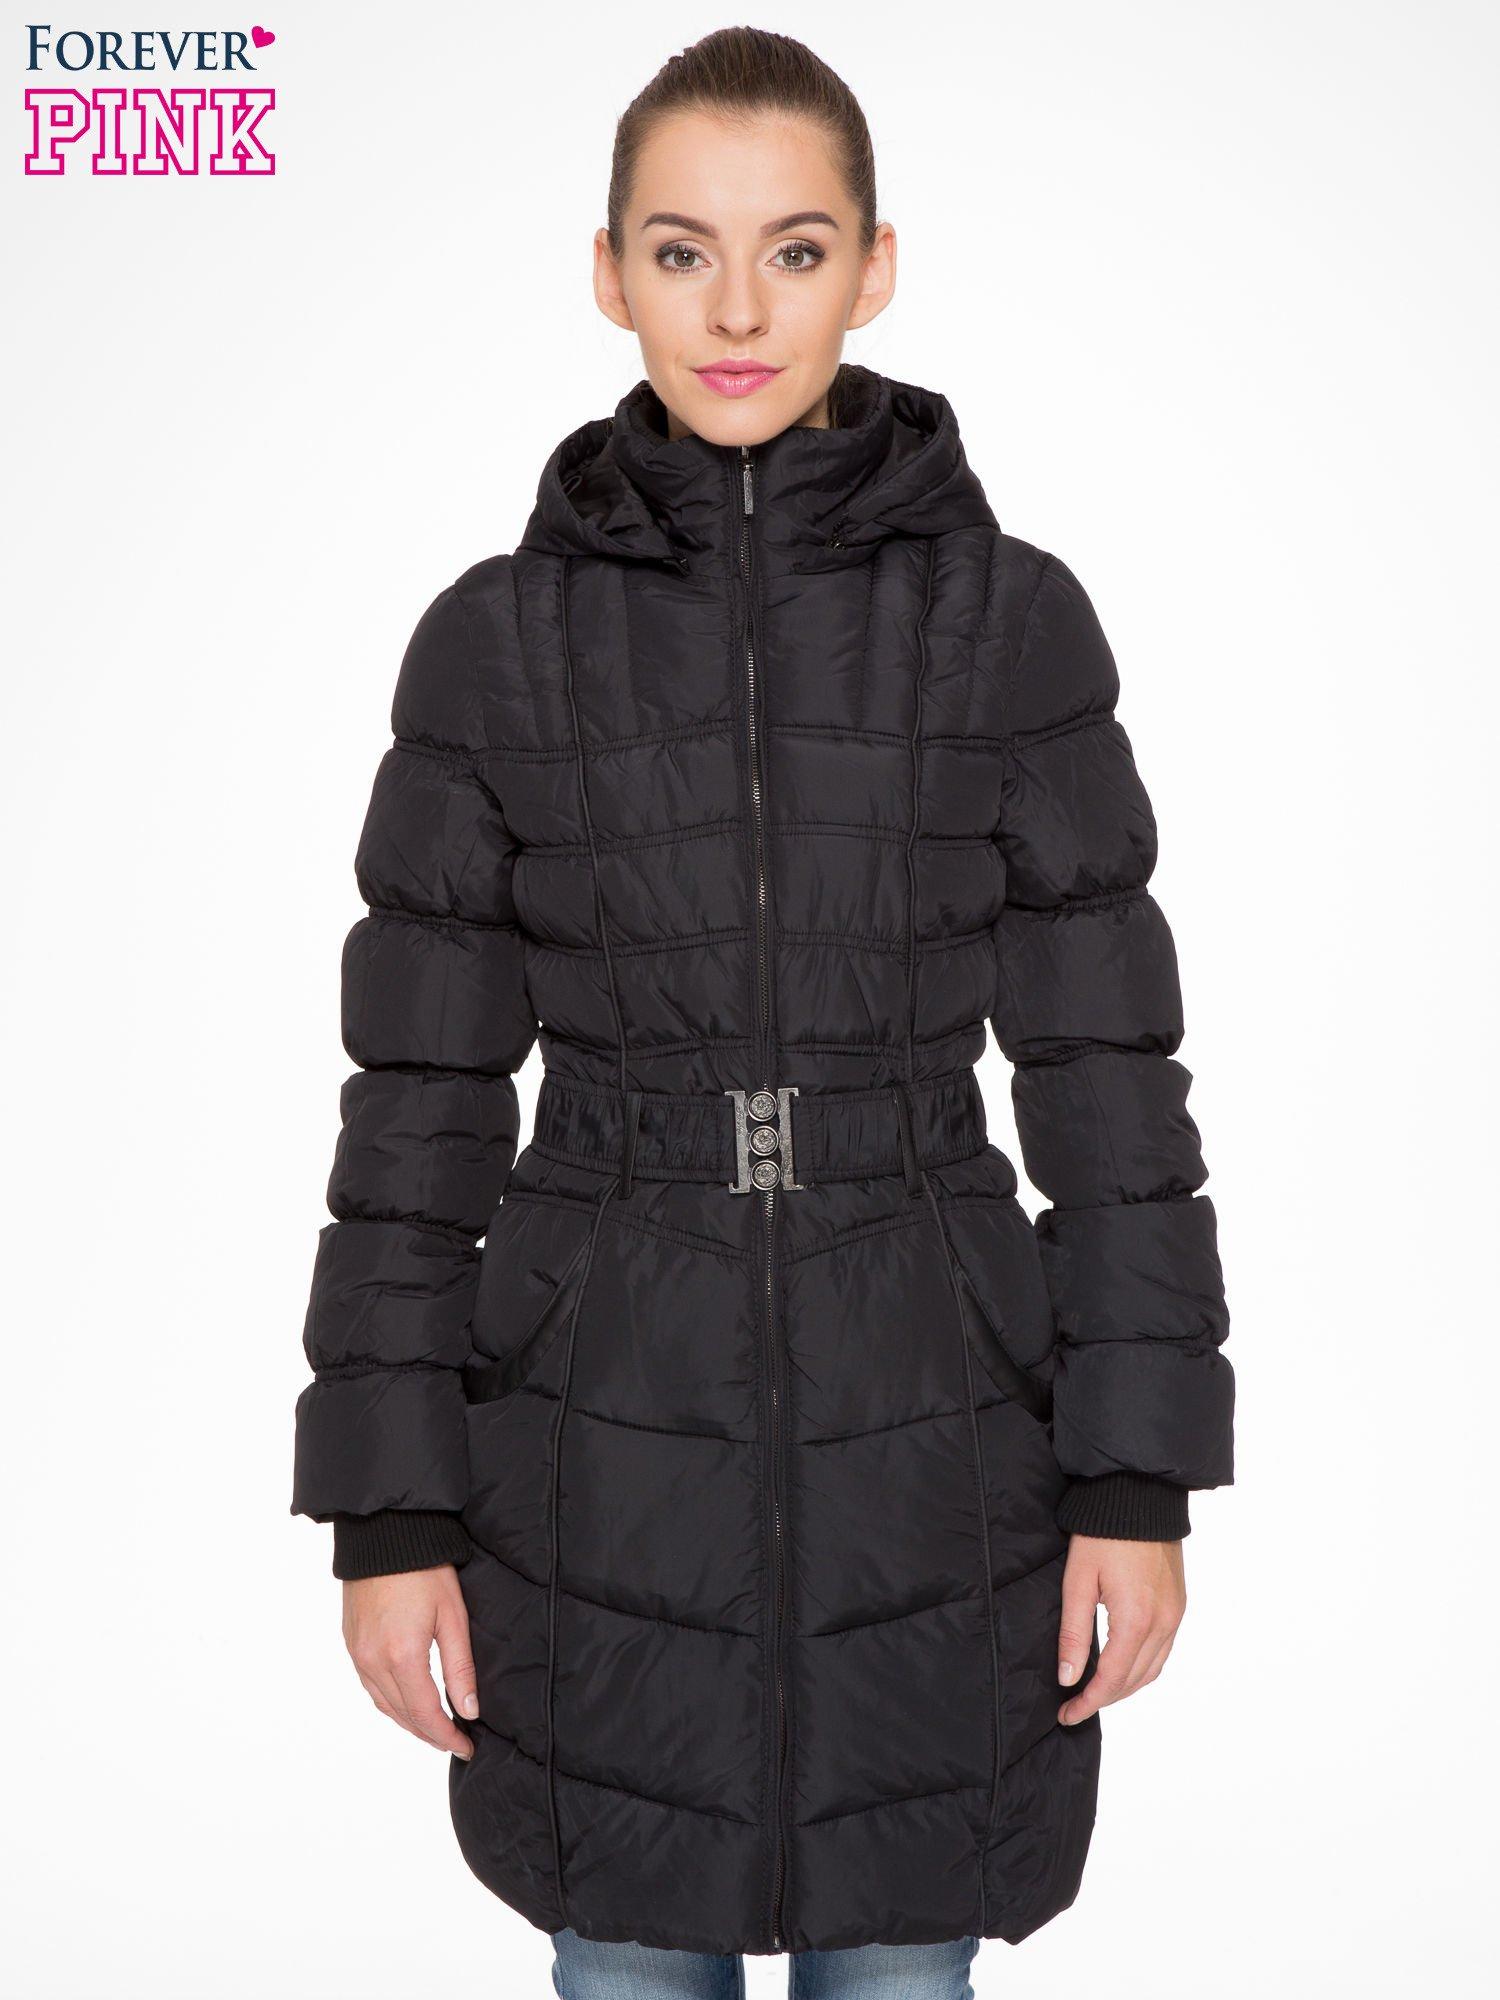 Czarny puchowy płaszcz zapinany na pasek z klamrą                                  zdj.                                  1